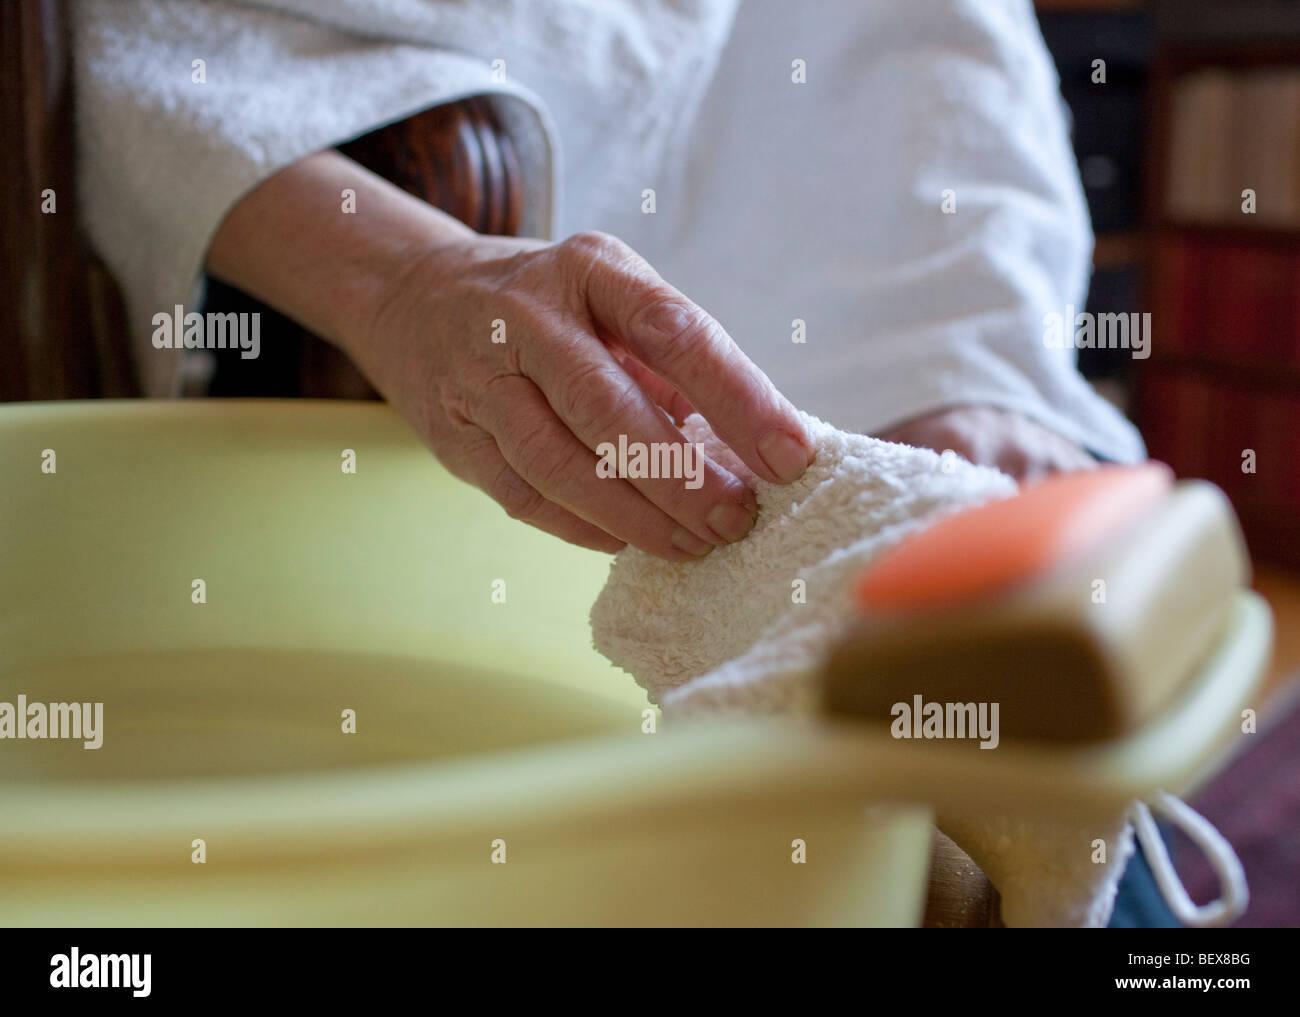 Senior is washing herself . - Stock Image